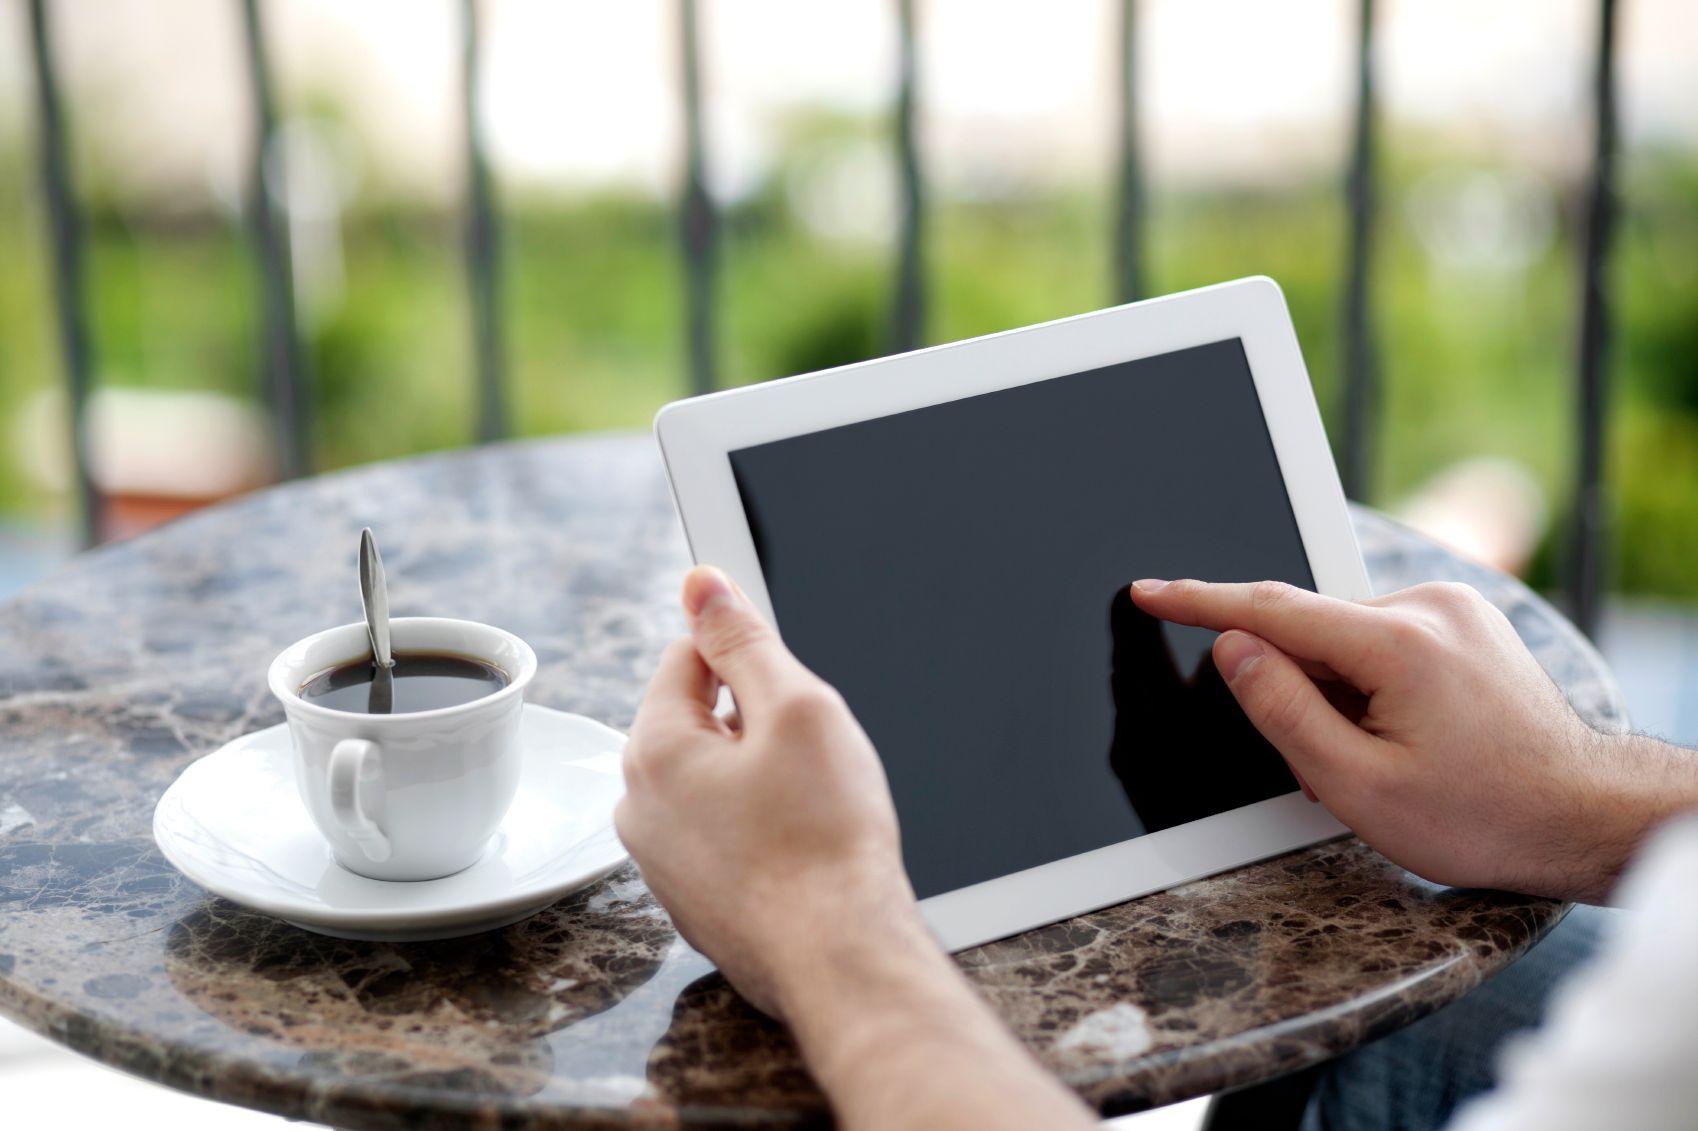 Stadig flere bruker nettbrett eller mobil til det vi tidligere ville brukt PC-en til.  Foto: iStockphoto / 19199807